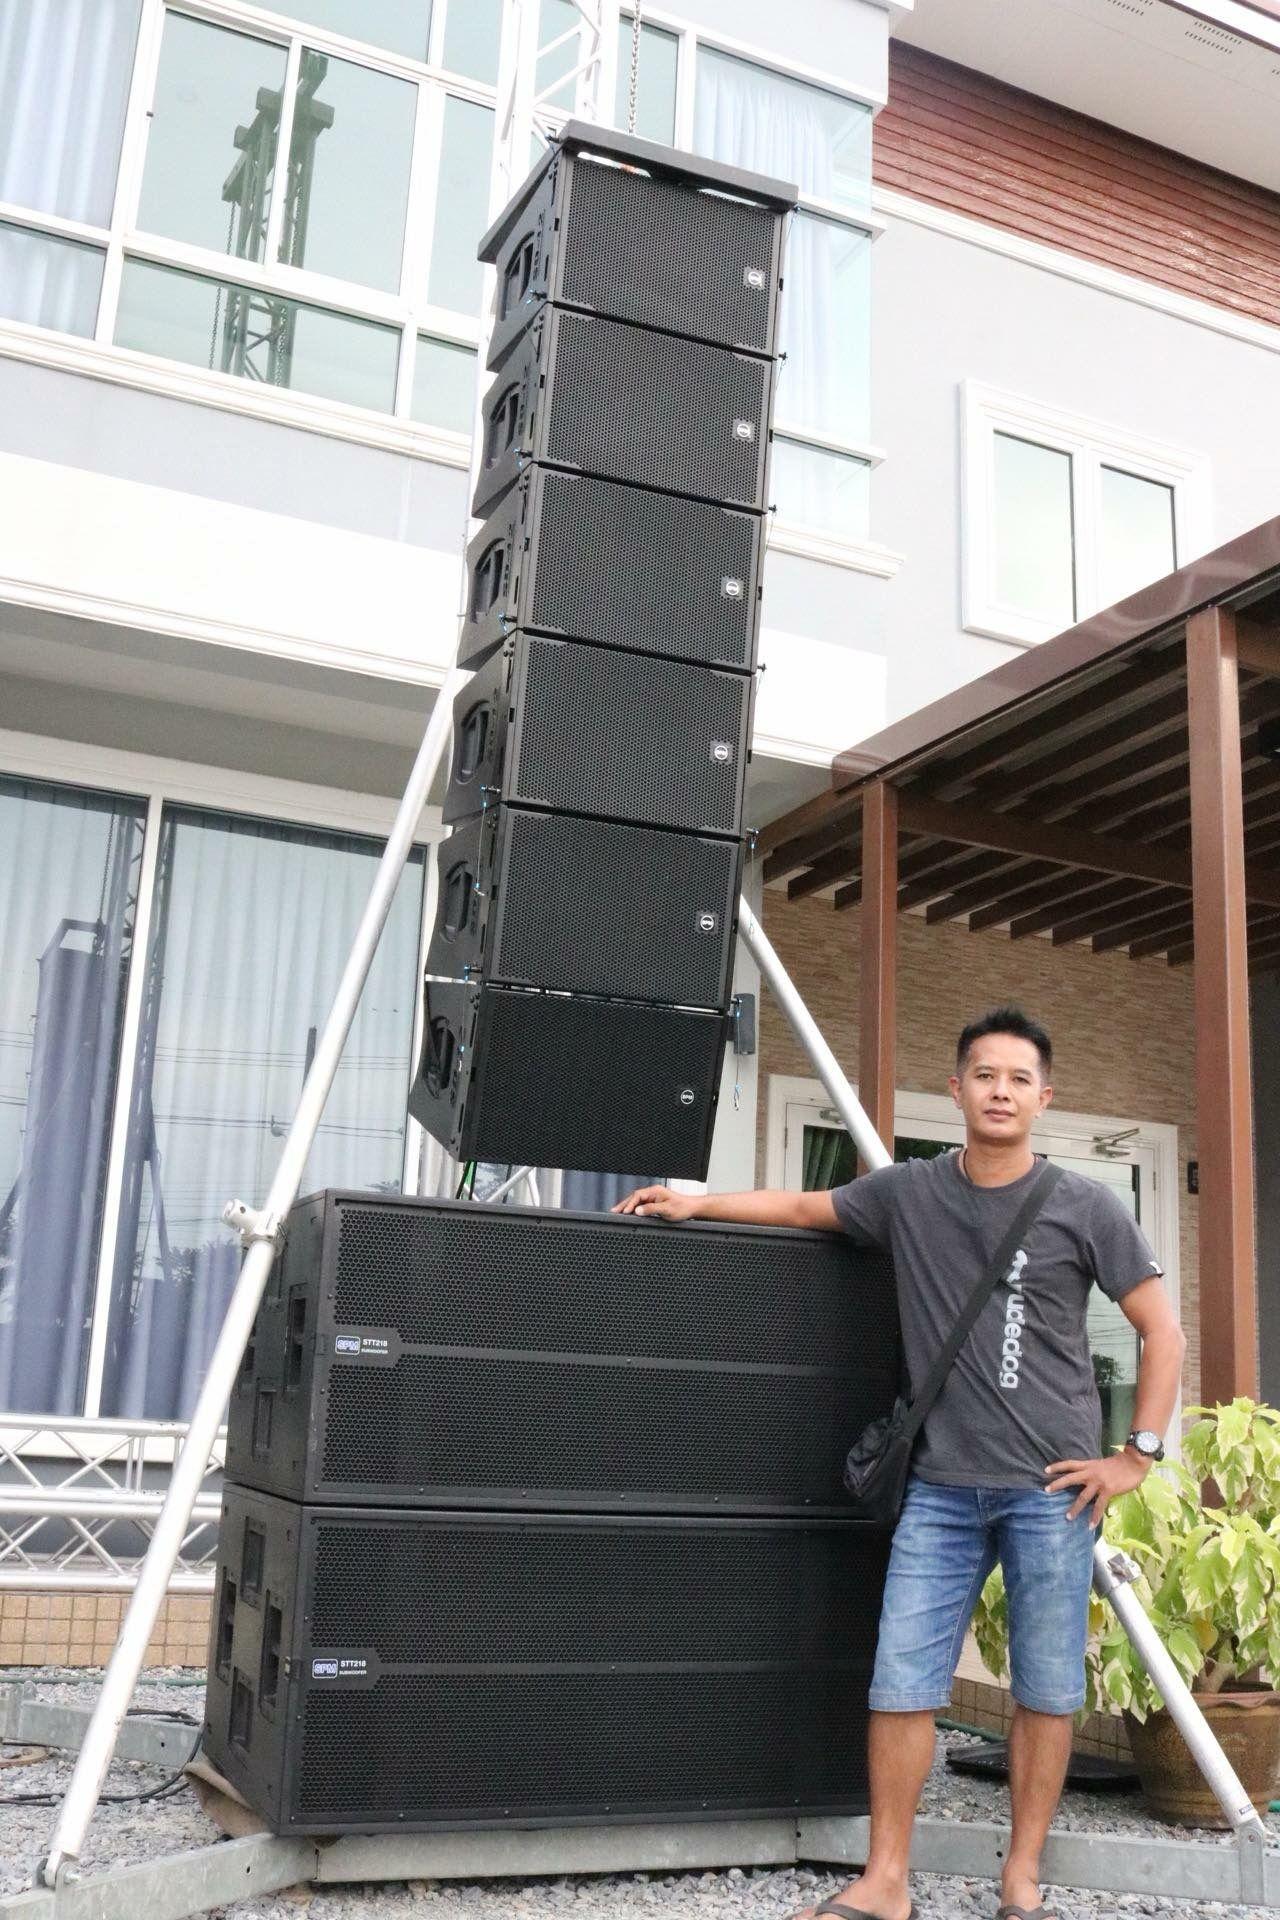 Pin Oleh Ariyasak Di Sound Speaker Produk Gambar